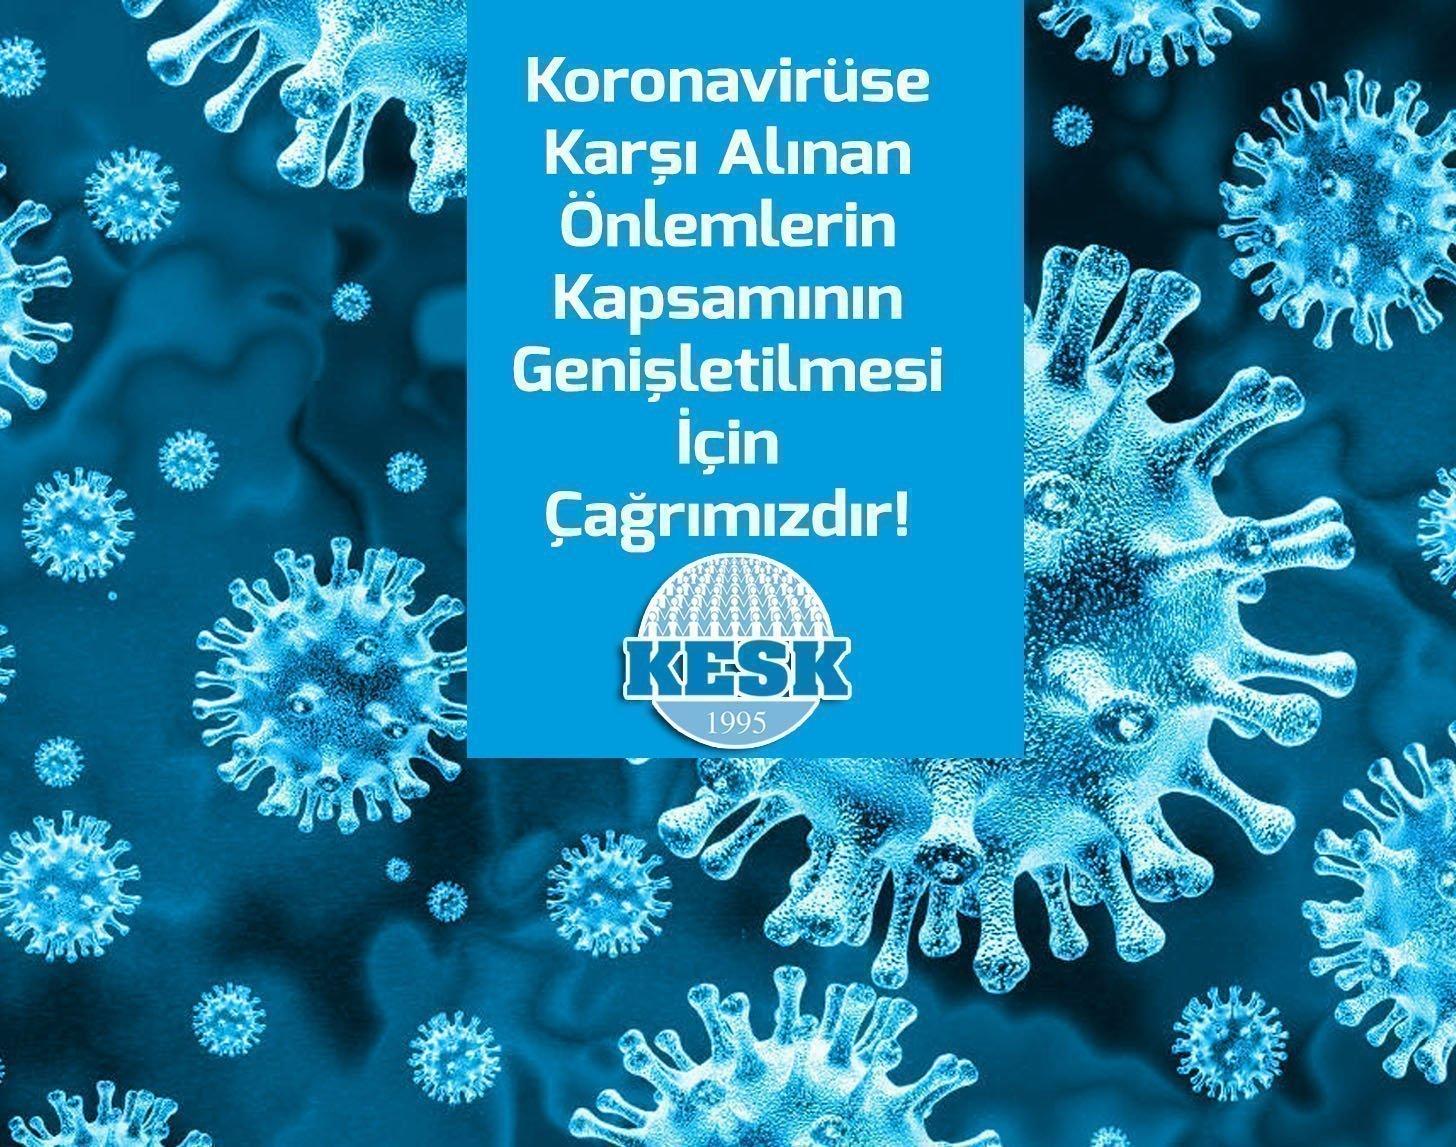 Koronavirüse Karşı Alınan Önlemlerin Kapsamının Genişletilmesi İçin Çağrımızdır!